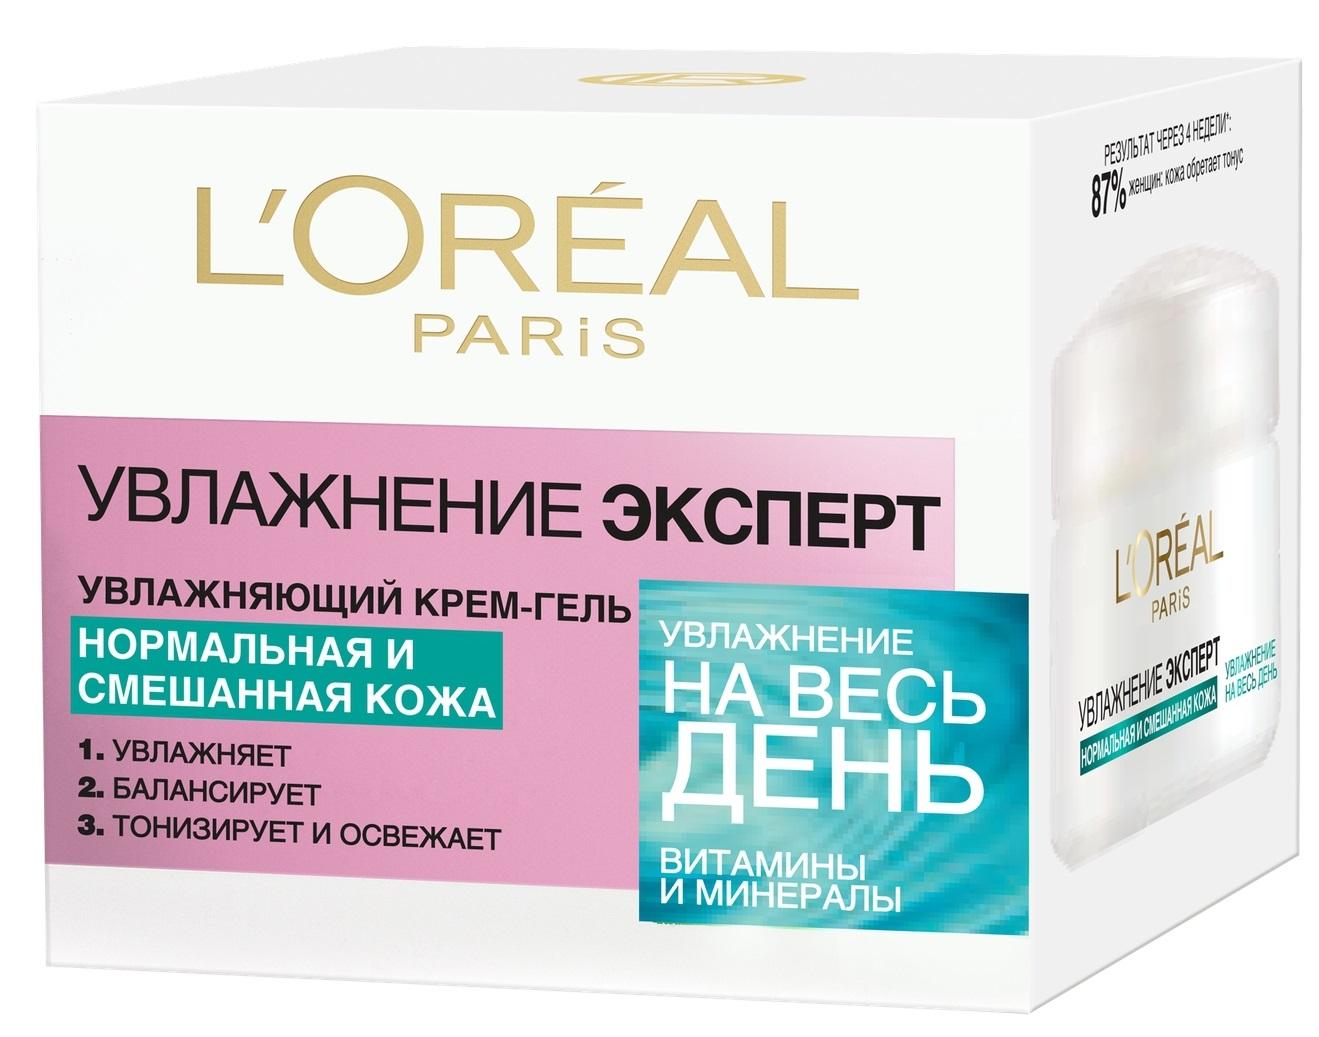 """L'Oreal Paris """"Увлажнение Эксперт"""" Дневной крем-гель для лица для нормальной и смешанной кожи, 50 мл"""